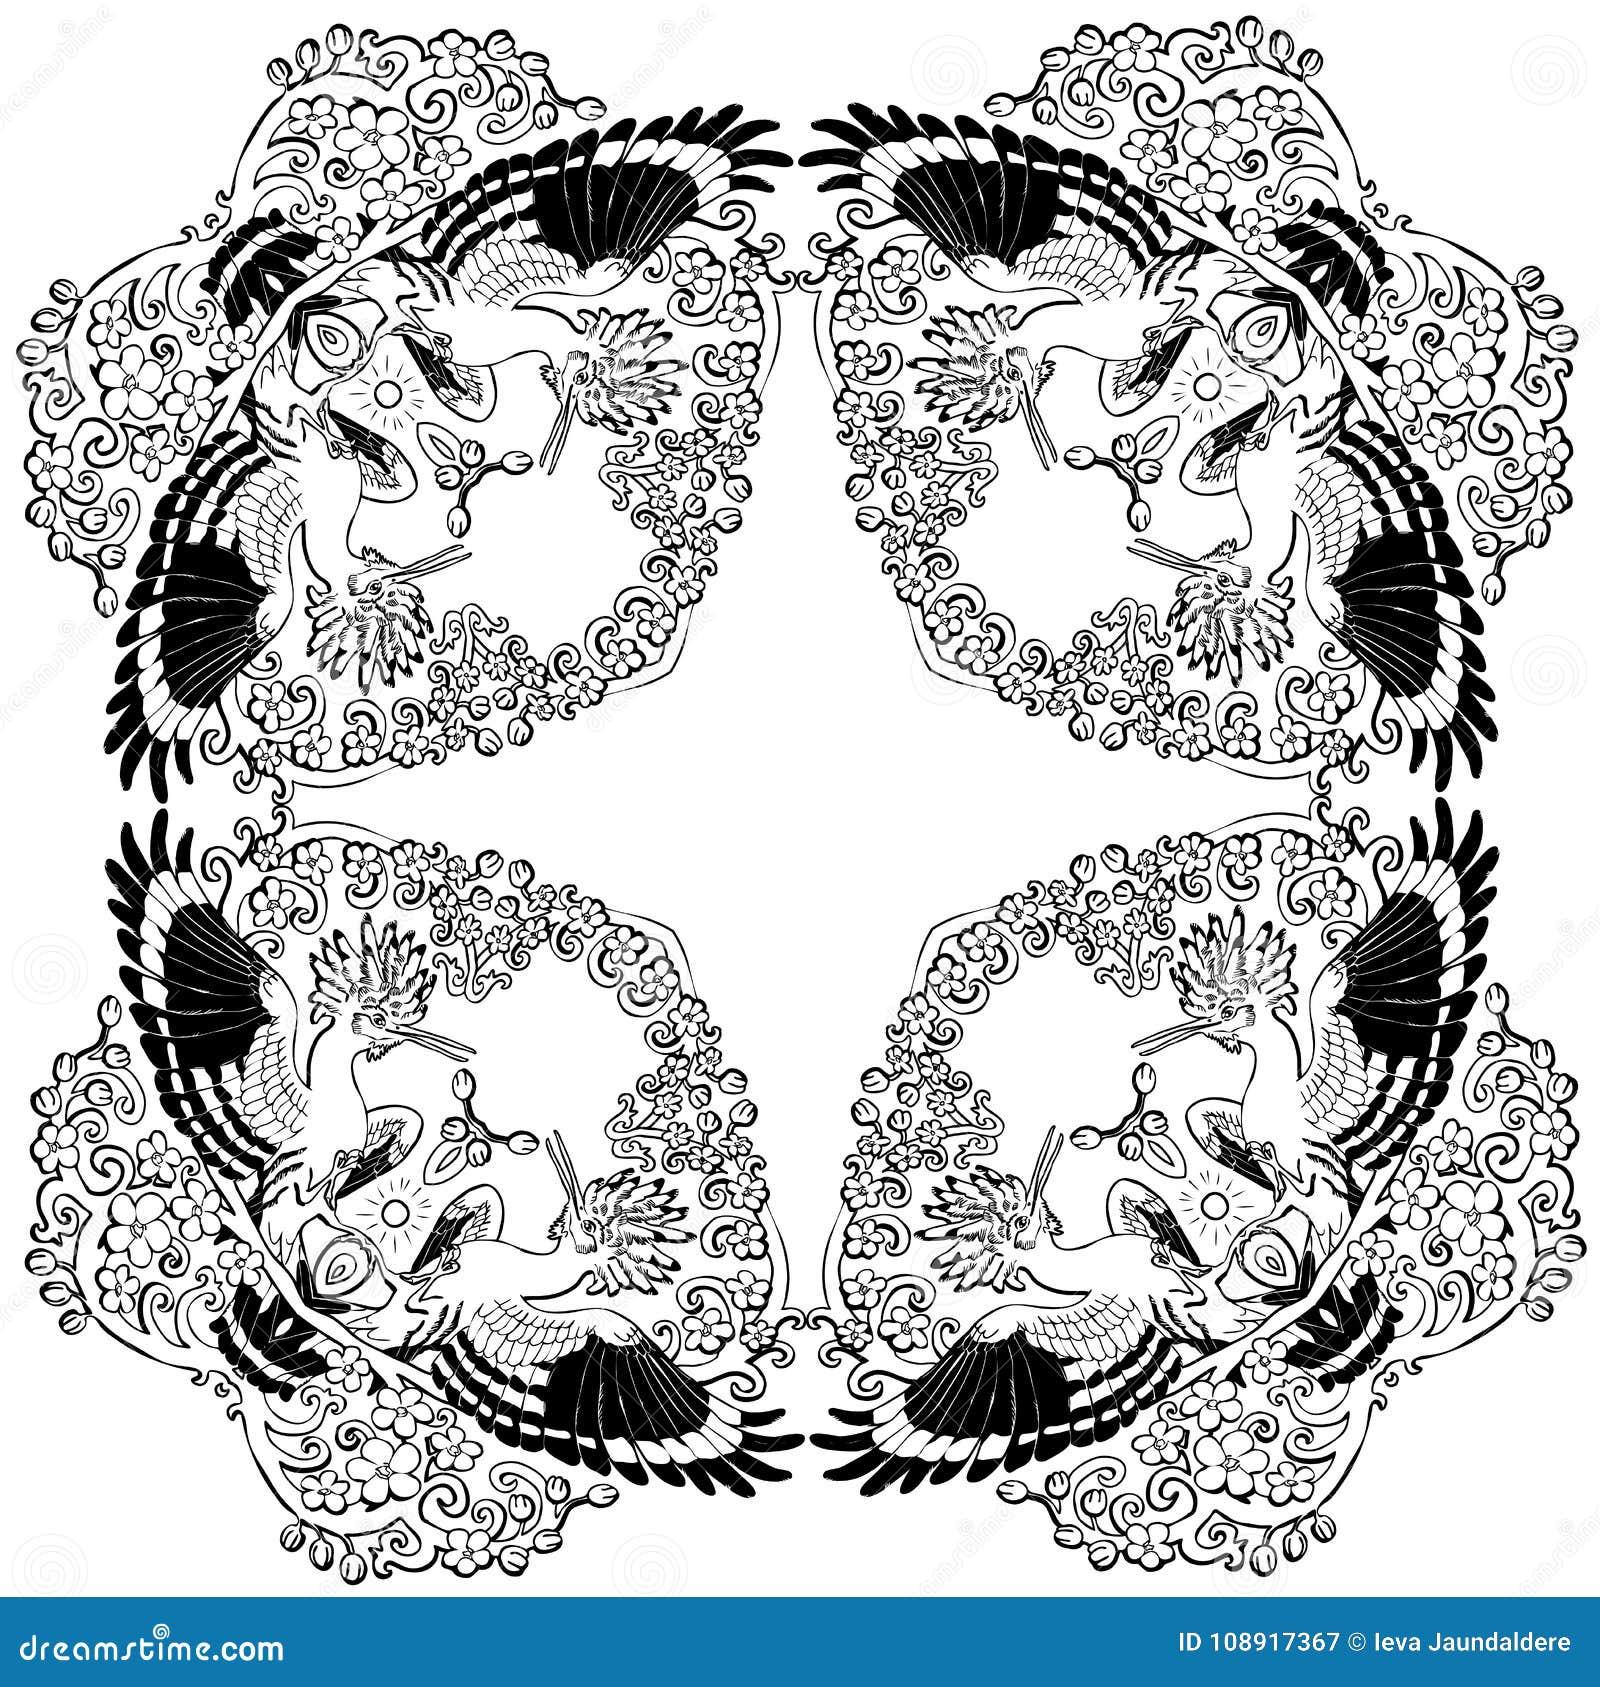 Coloriage De Mandala Doiseau.La Coloration De Mandala D Oiseau De Huppe D Illustration De Vecteur